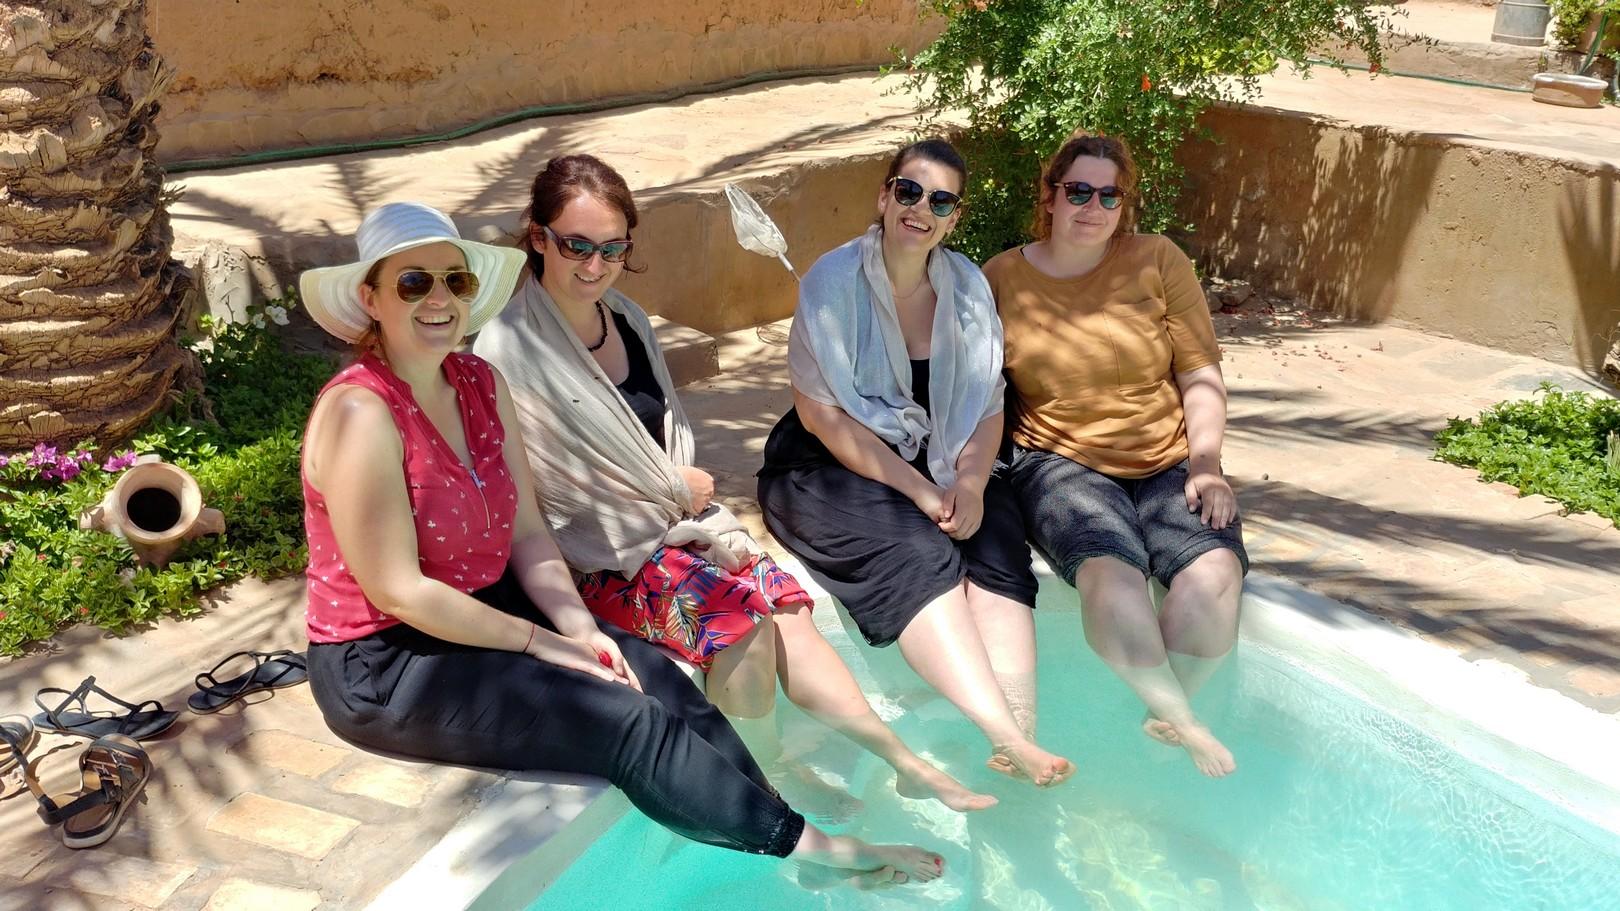 Maroc - Au bord de la piscine dans la palmeraie d'Erfoud